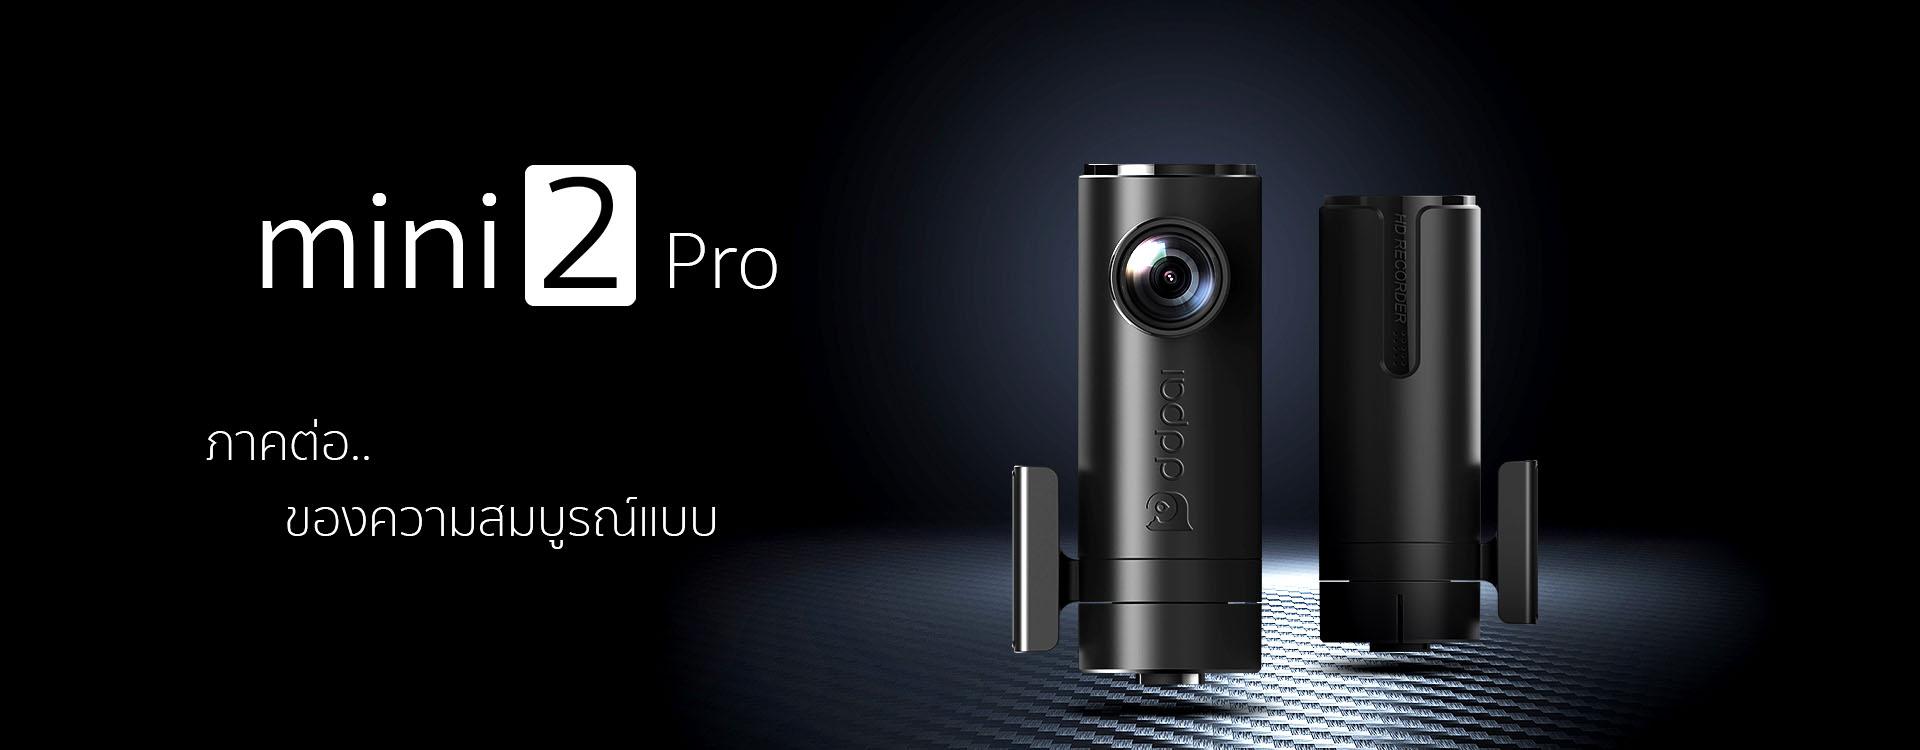 กล้องติดหน้ารถ DP Mini 2 Pro 6